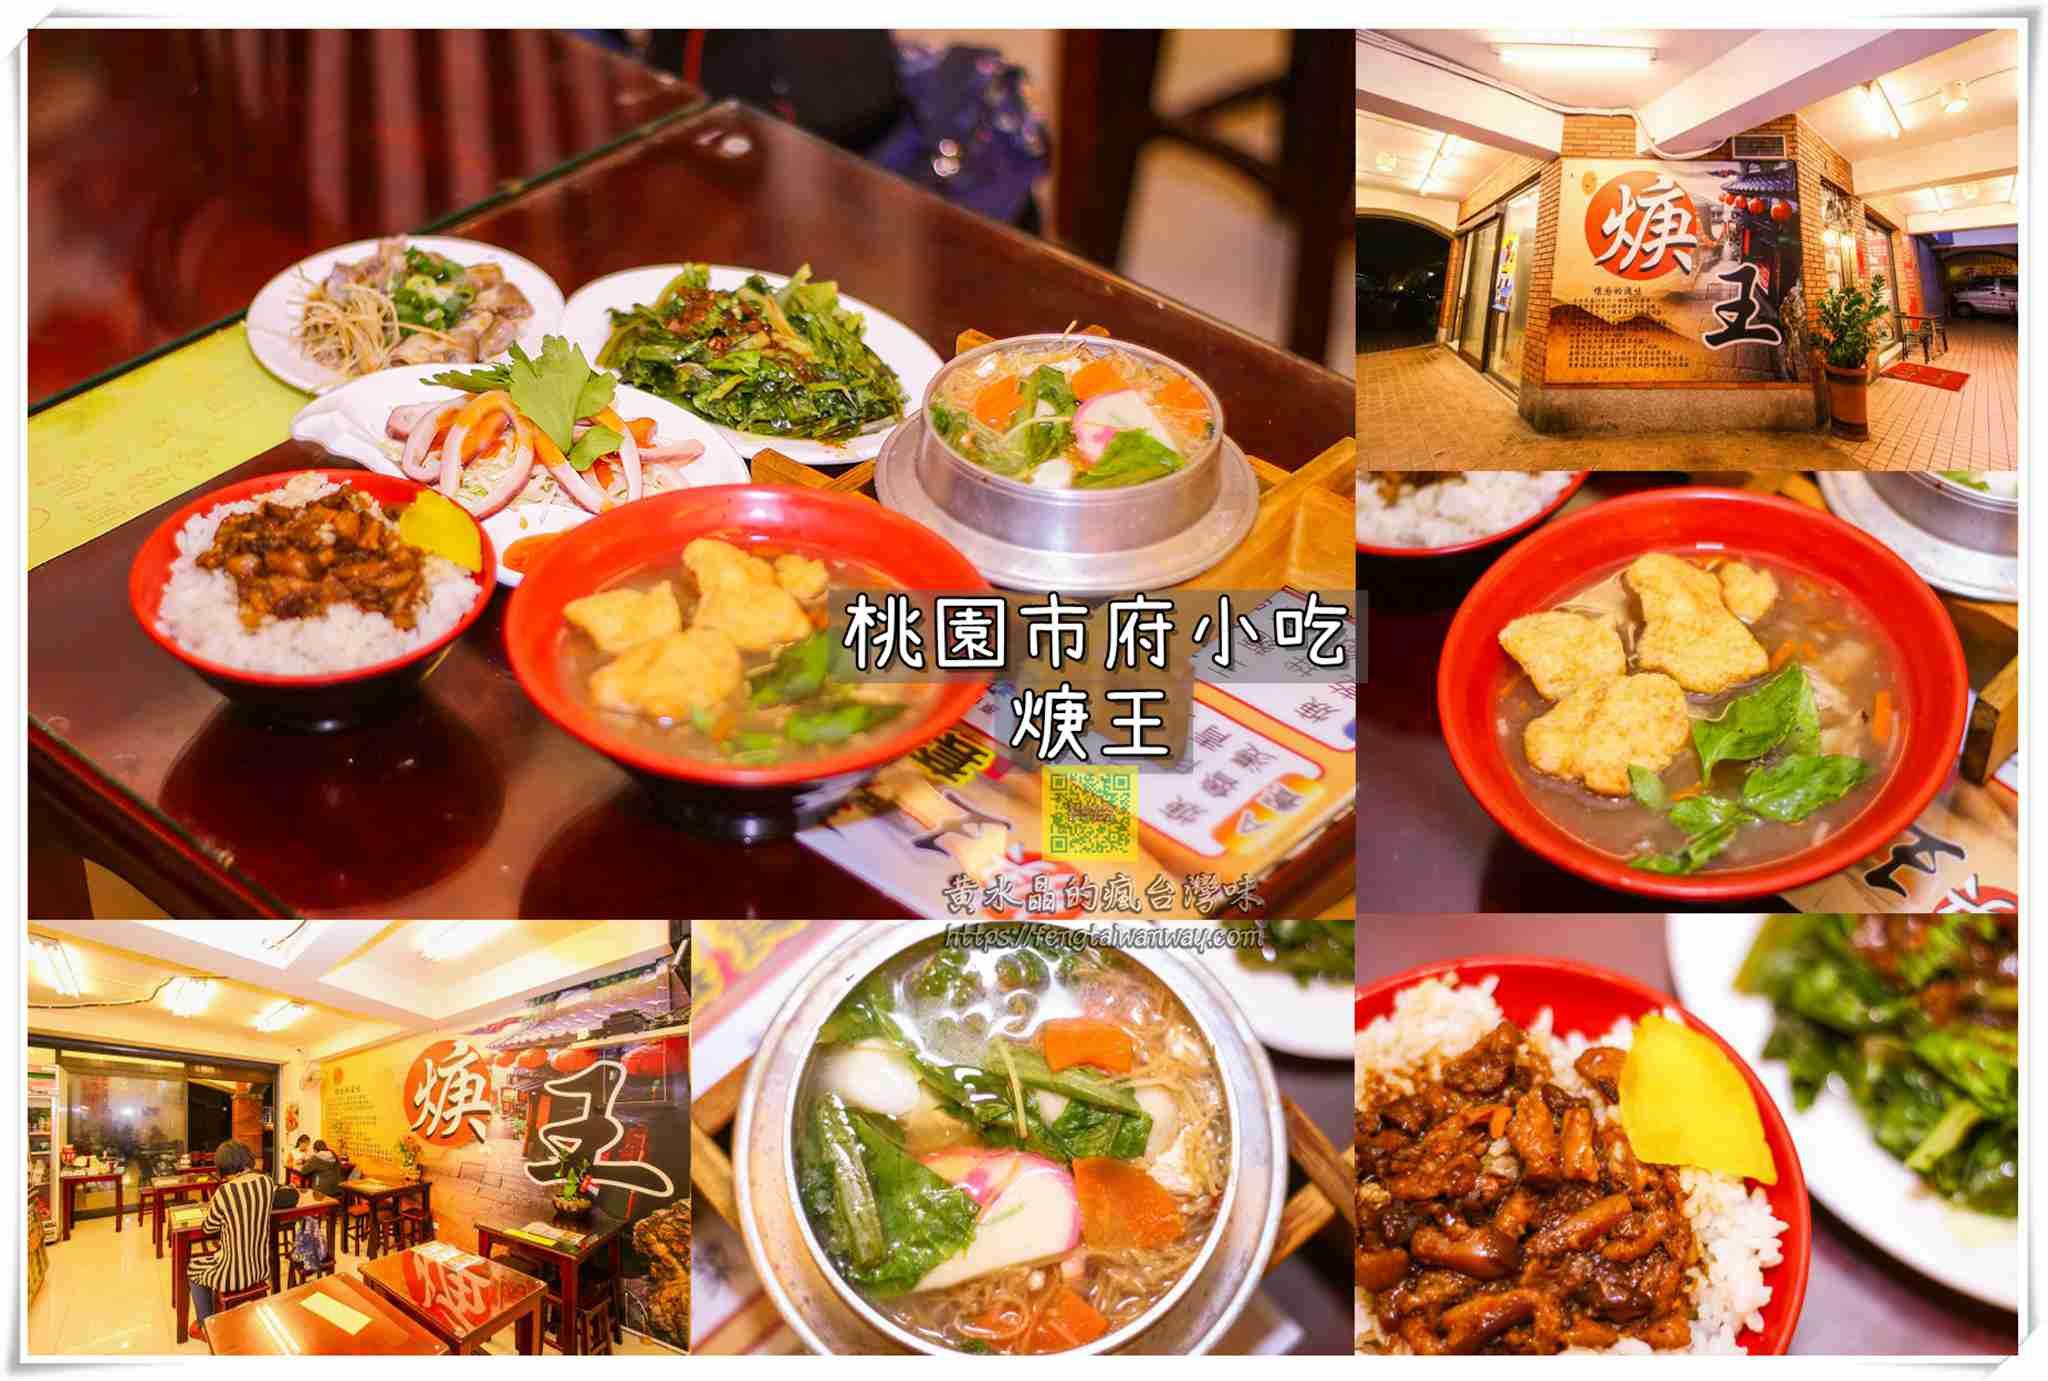 焿王【桃園美食】|桃園市府周邊經濟實惠小吃;一碗焿湯四重享受、搭配套餐價格更優惠